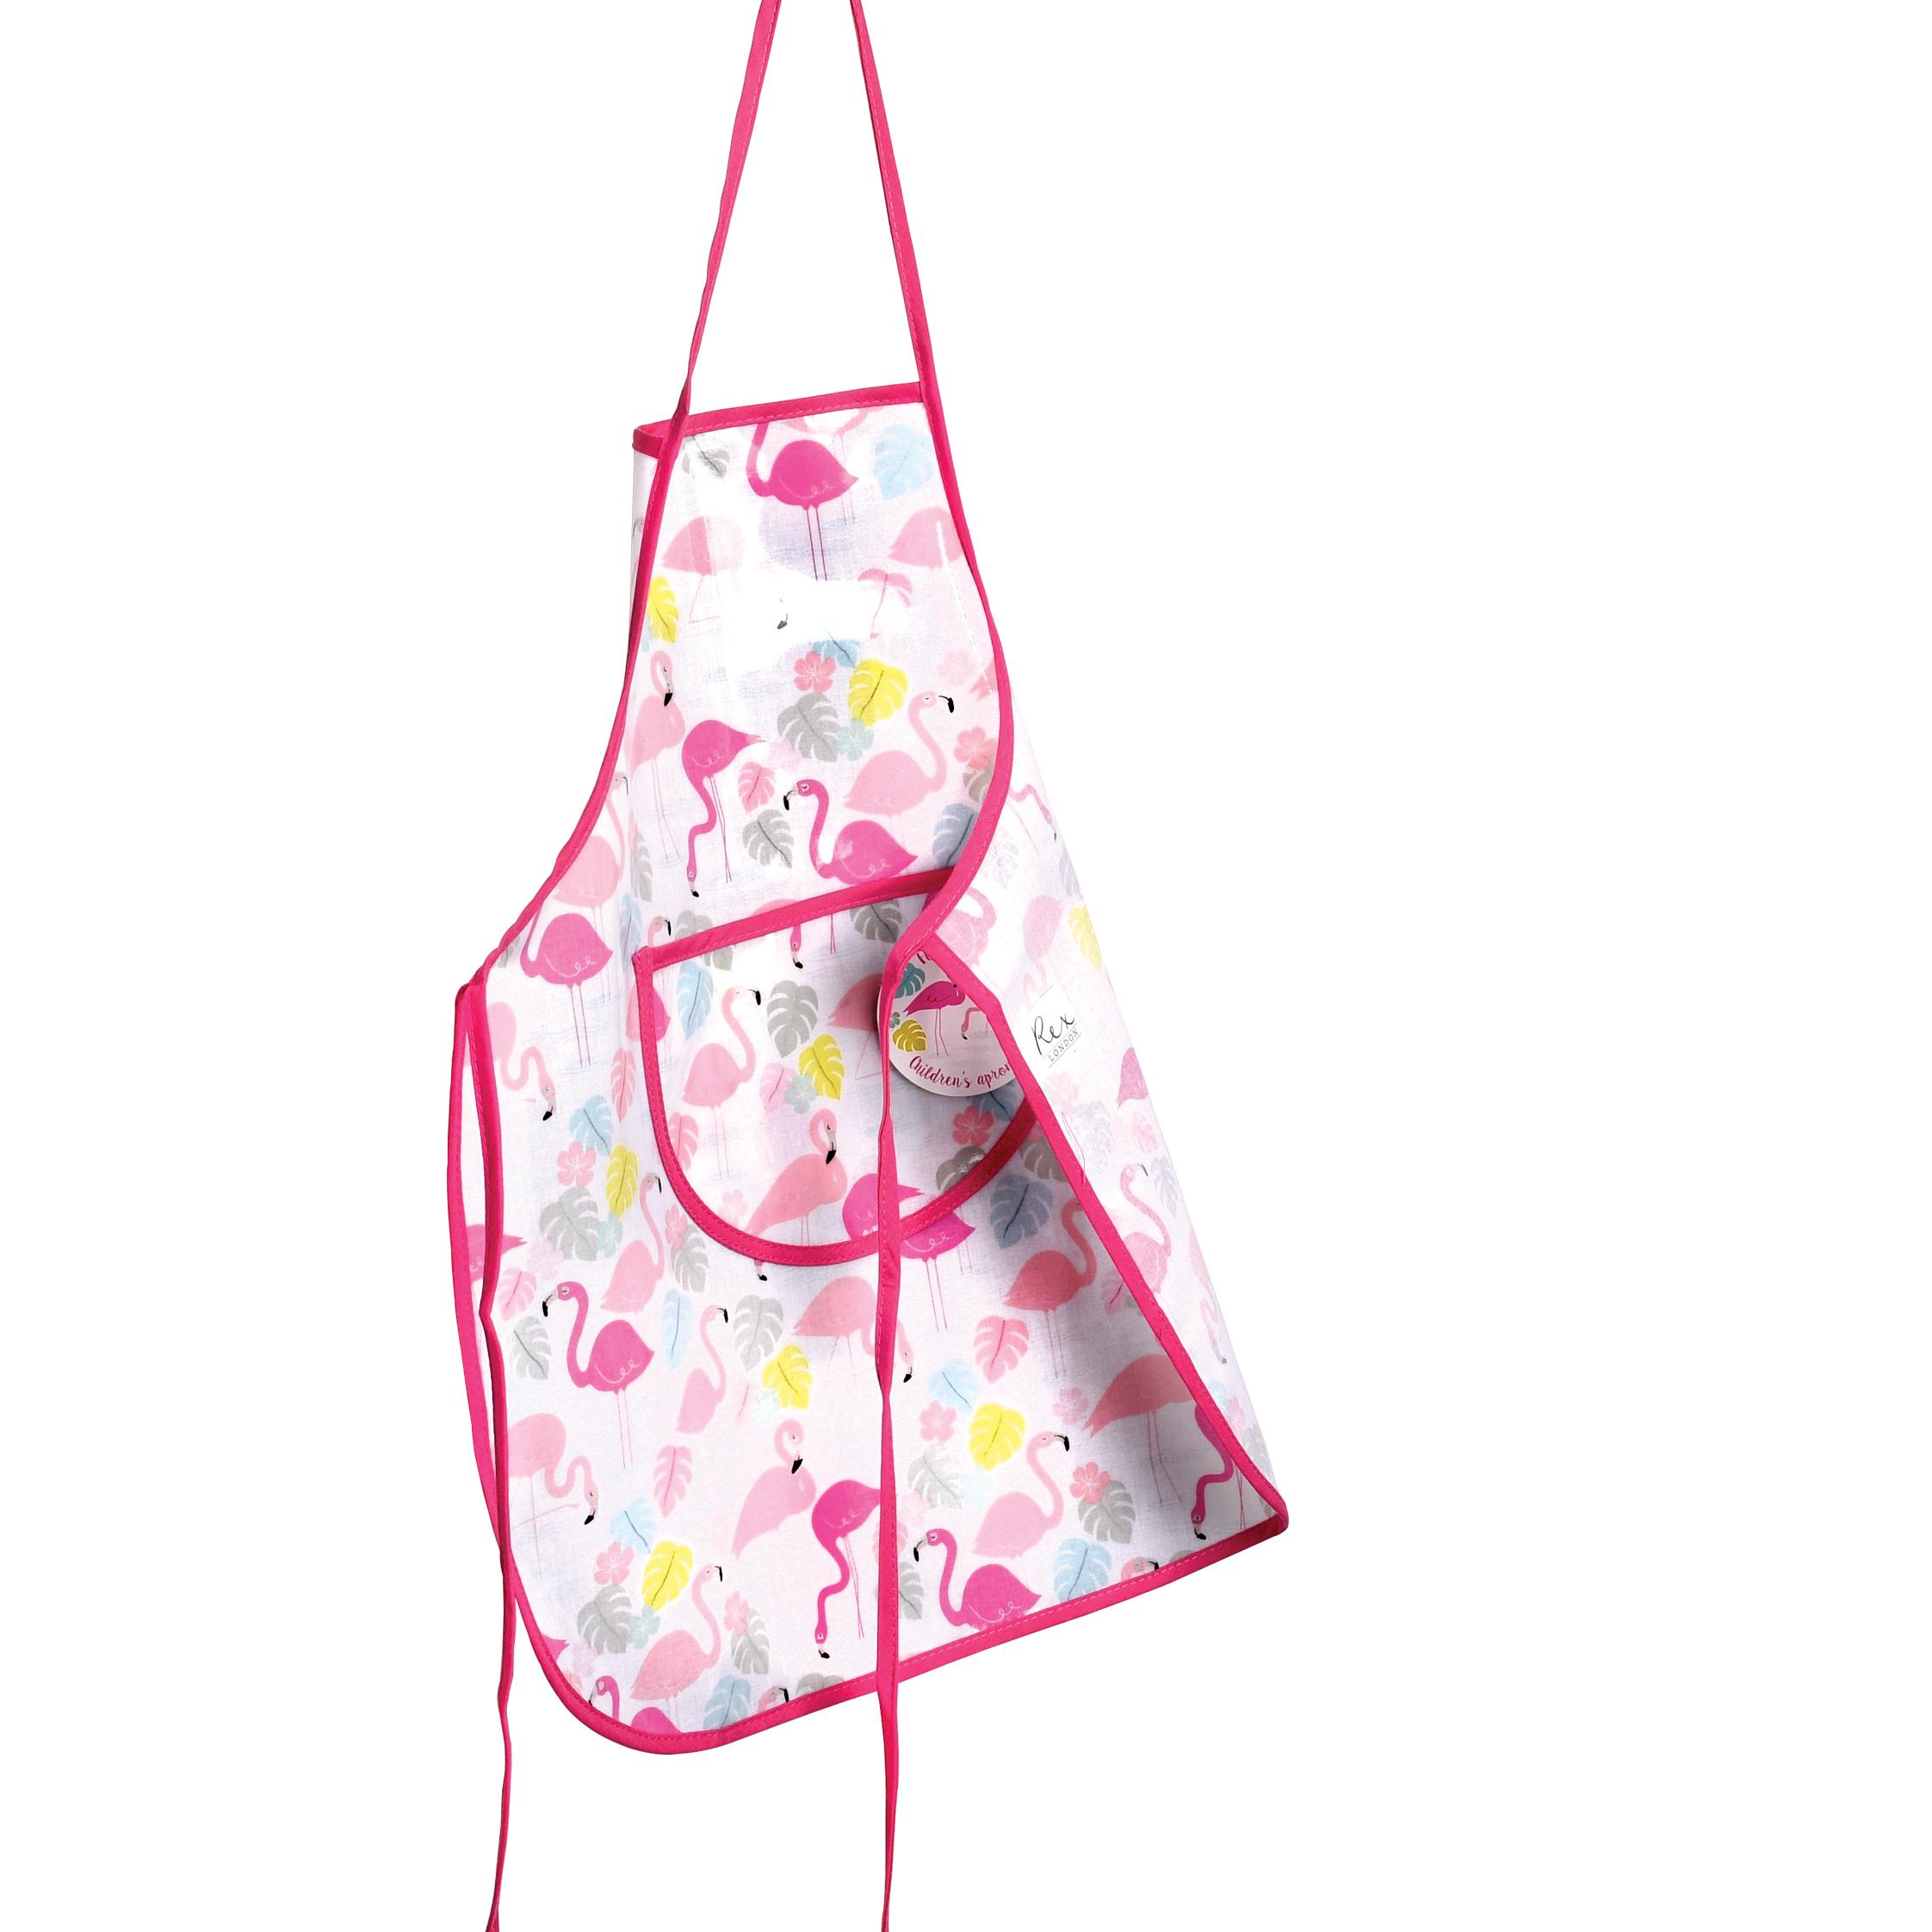 REX London Flamingo Bay Enfants/'s Parapluie